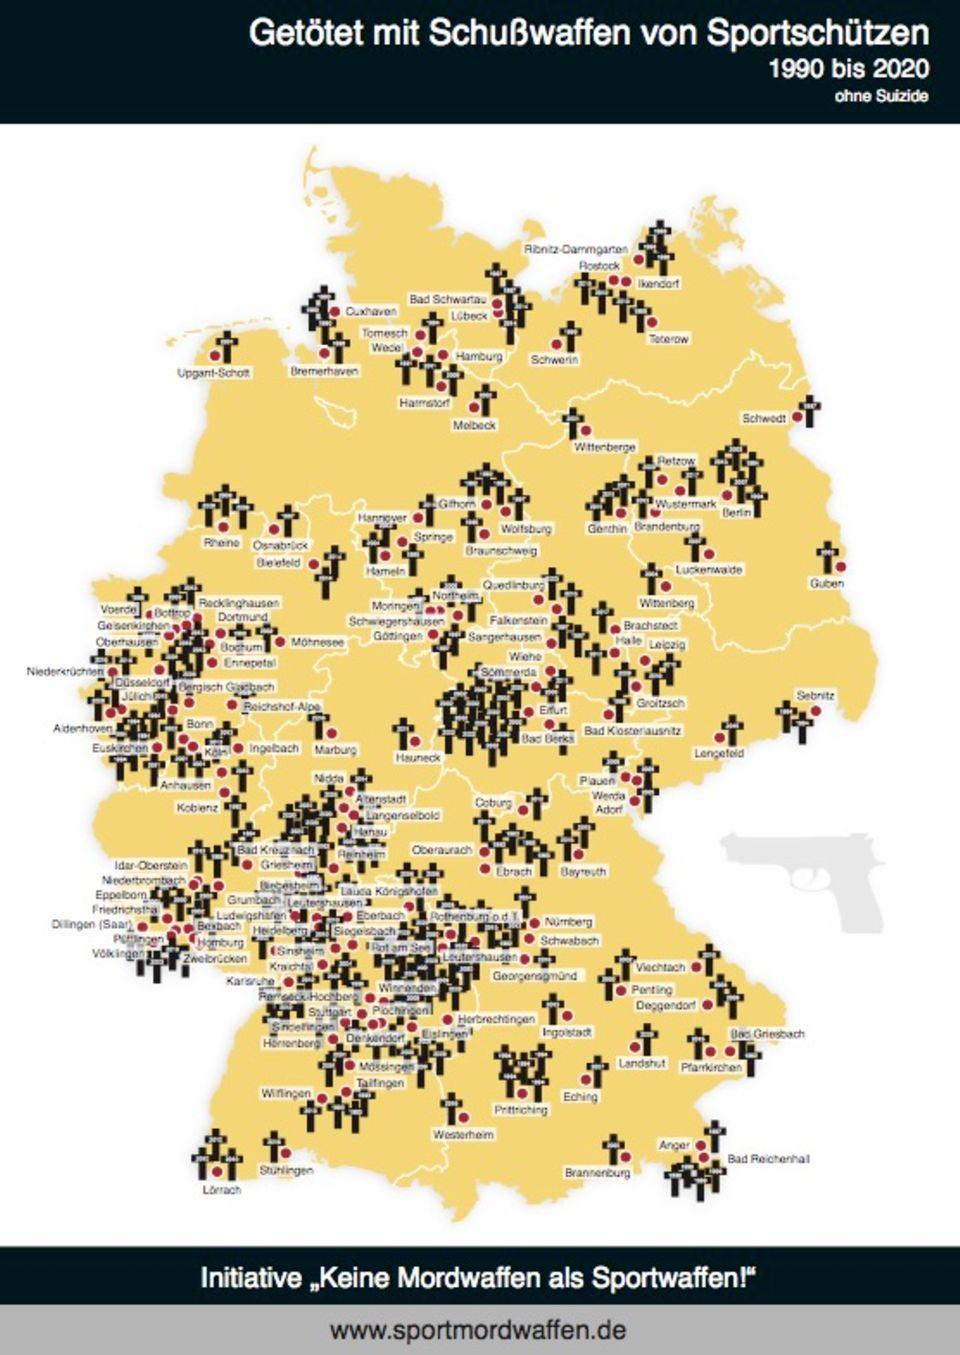 """""""Getötet mit Schusswaffen von Sportschützen""""– Opfer-Landkarte der Sportmordwaffen-Initiative (1990 bis 2018, ohne Suizide)"""